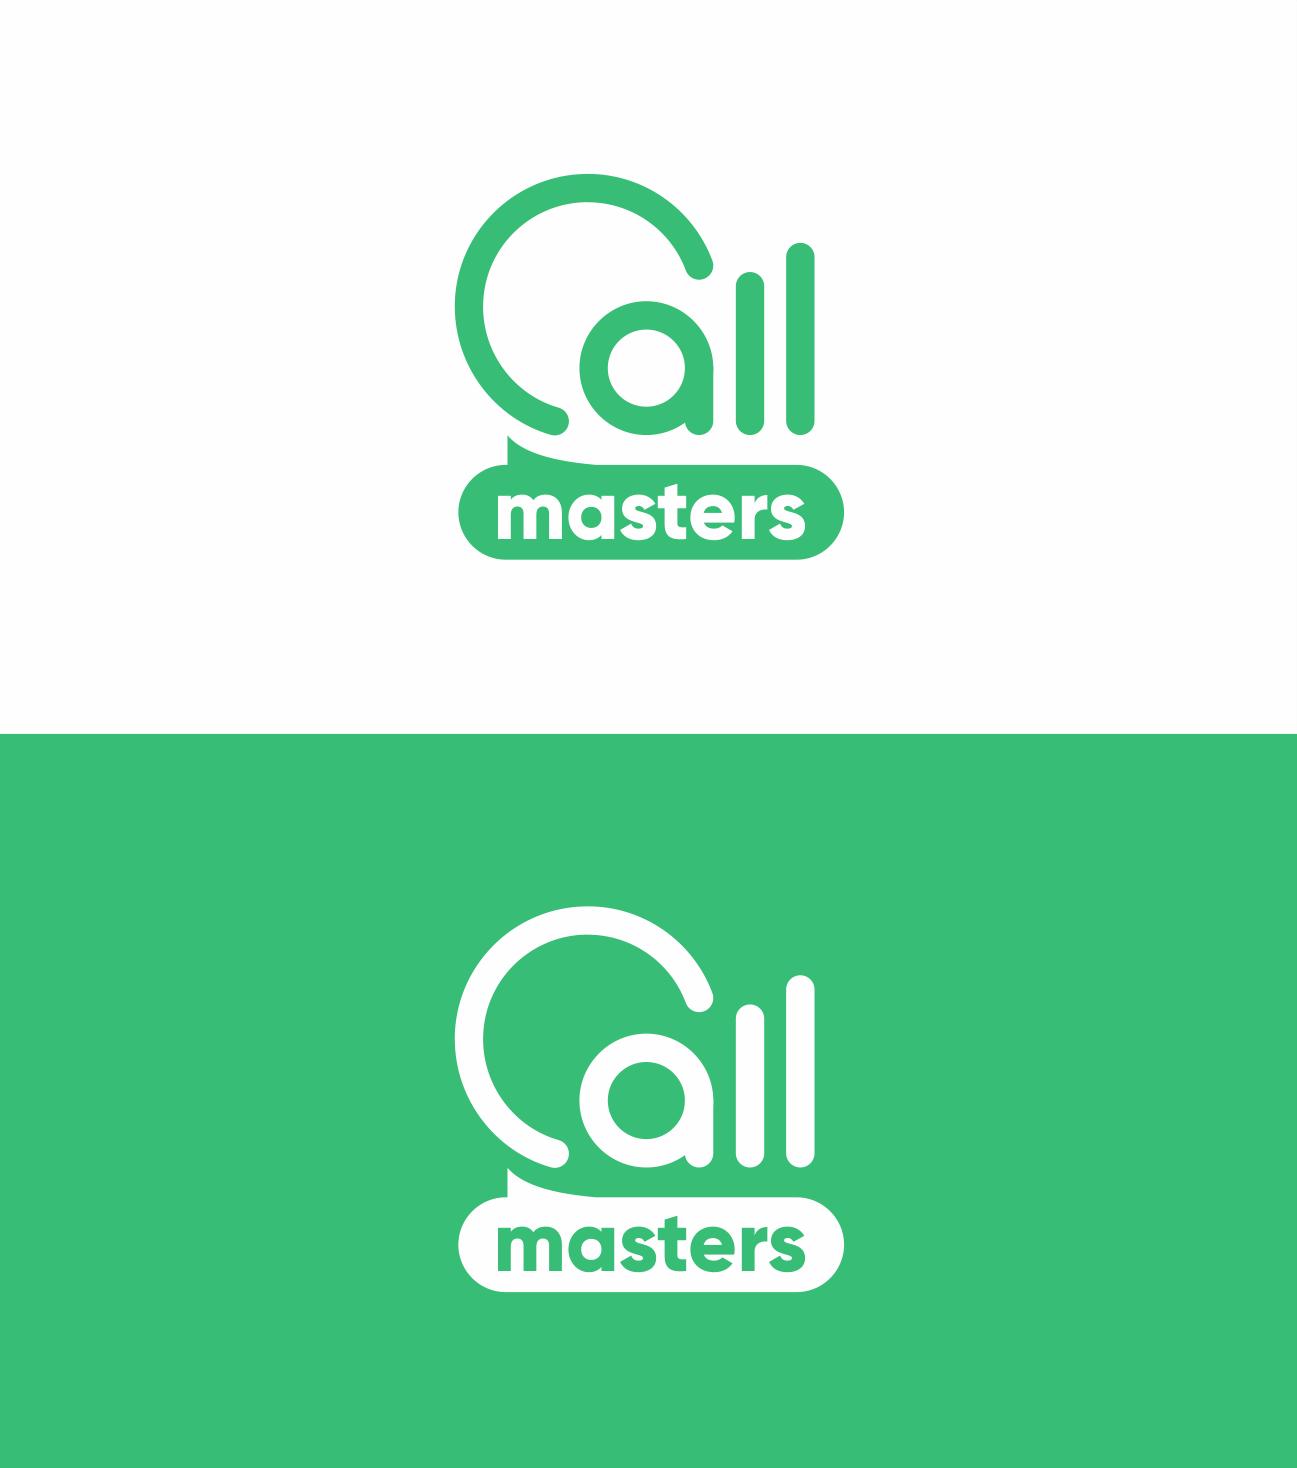 Логотип call-центра Callmasters  фото f_1925b6985593c5dd.png